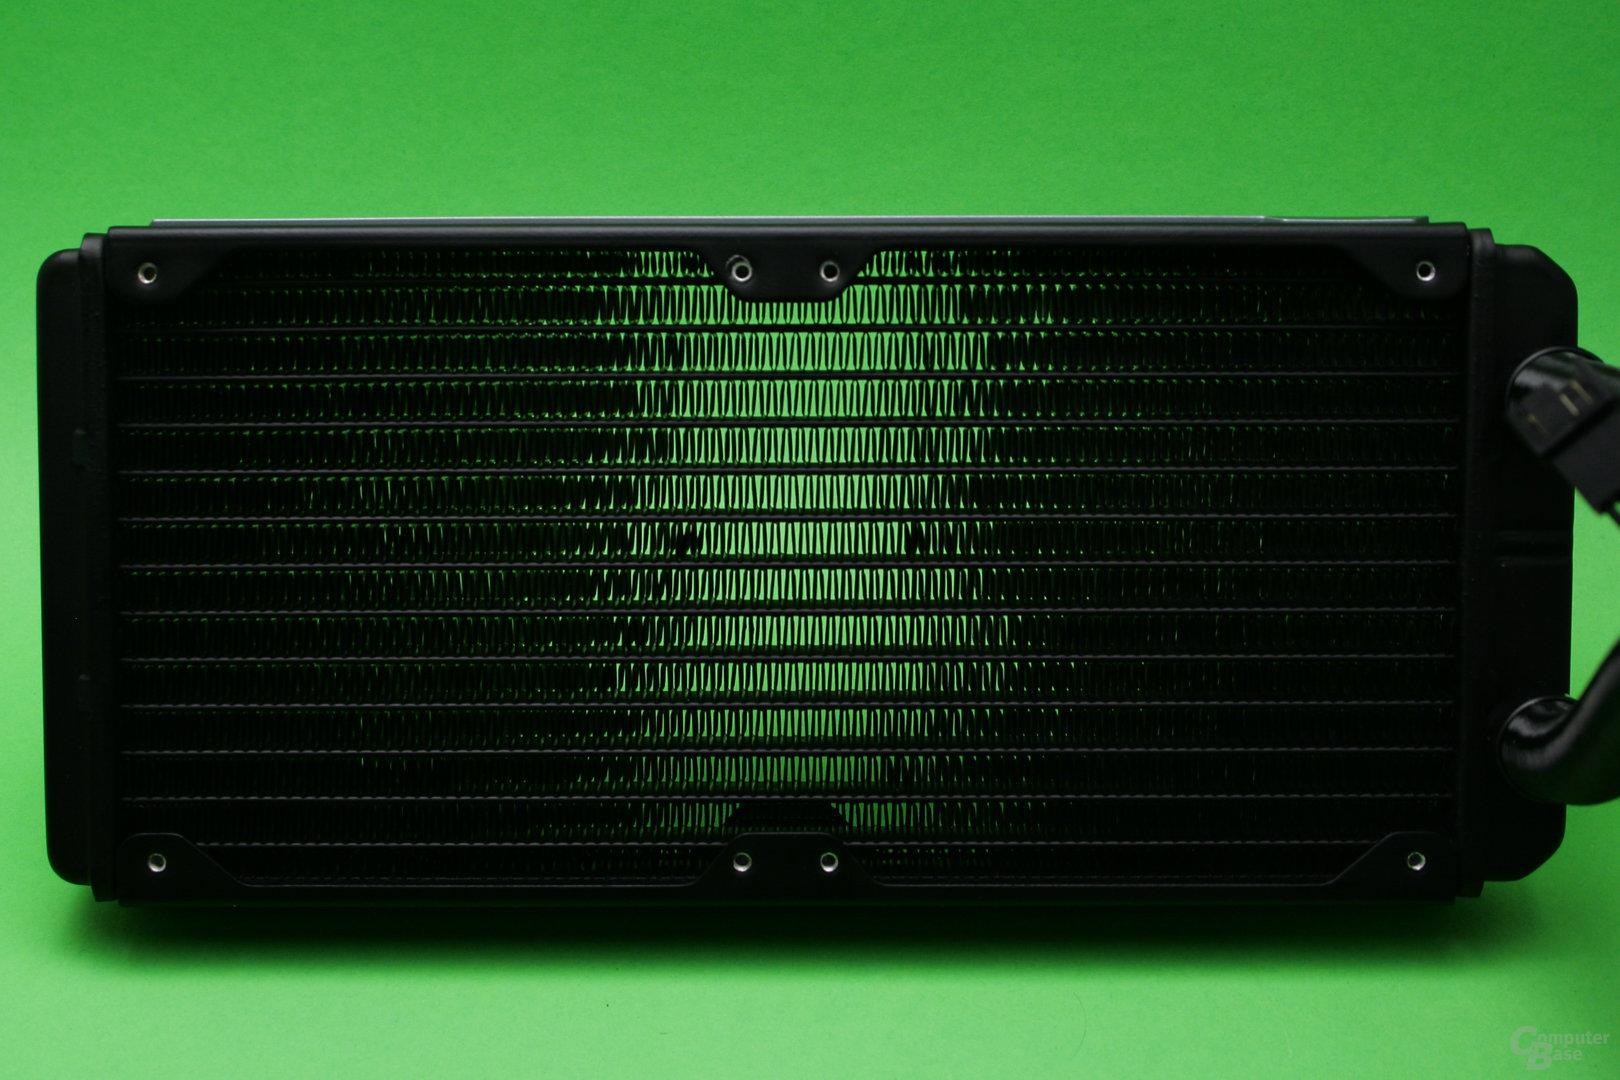 Corsair H100i v2: Radiator